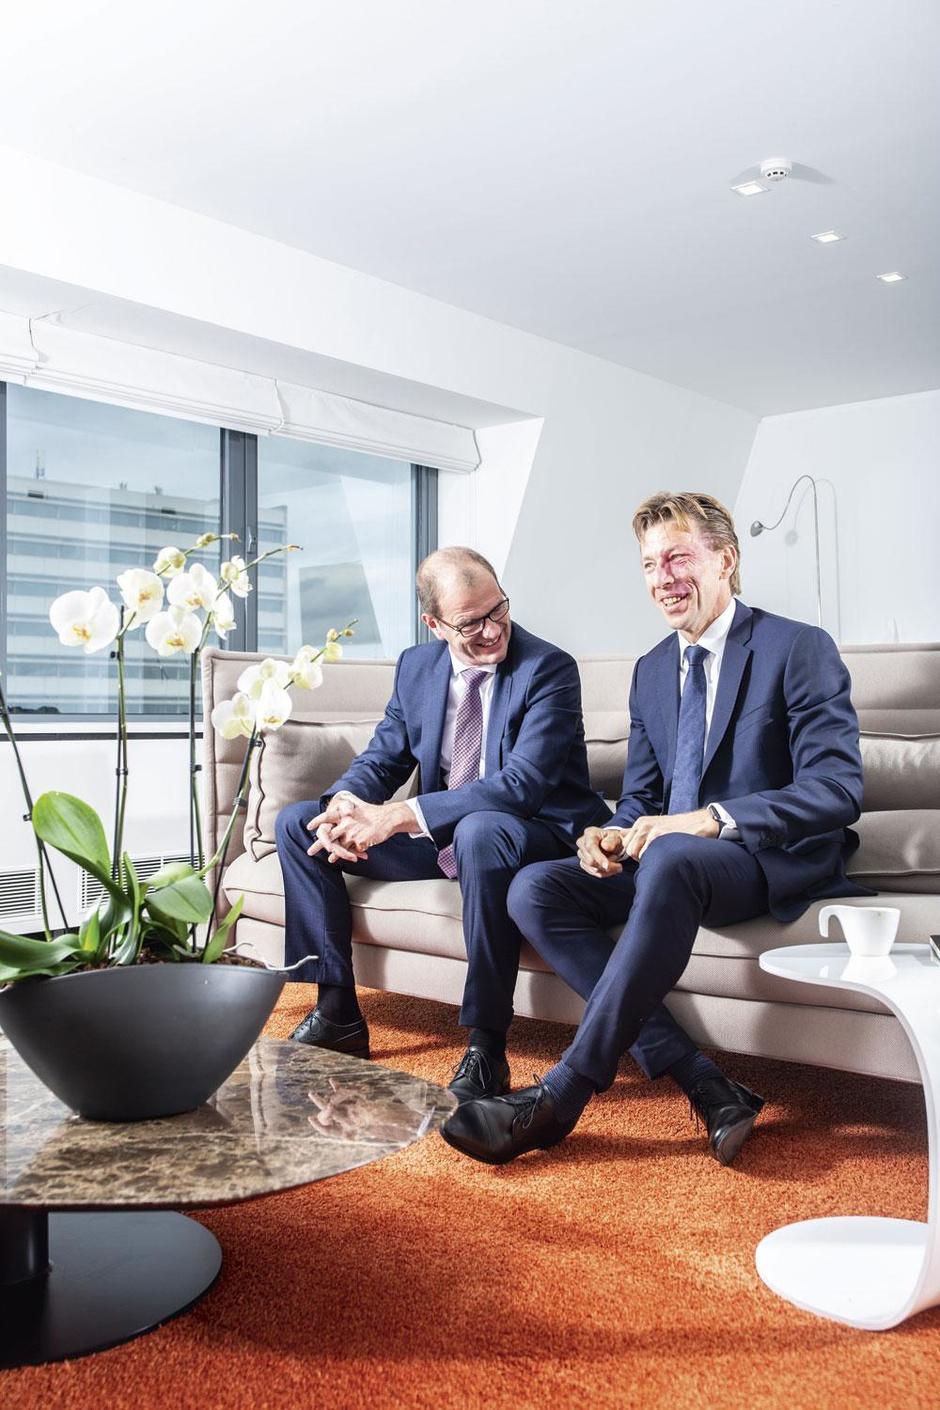 Chris Peeters en Stefan Kapferer (Elia Group) over de Europese energiemarkt: 'De elektriciteitssector is een voorloper in de decarbonisatie'